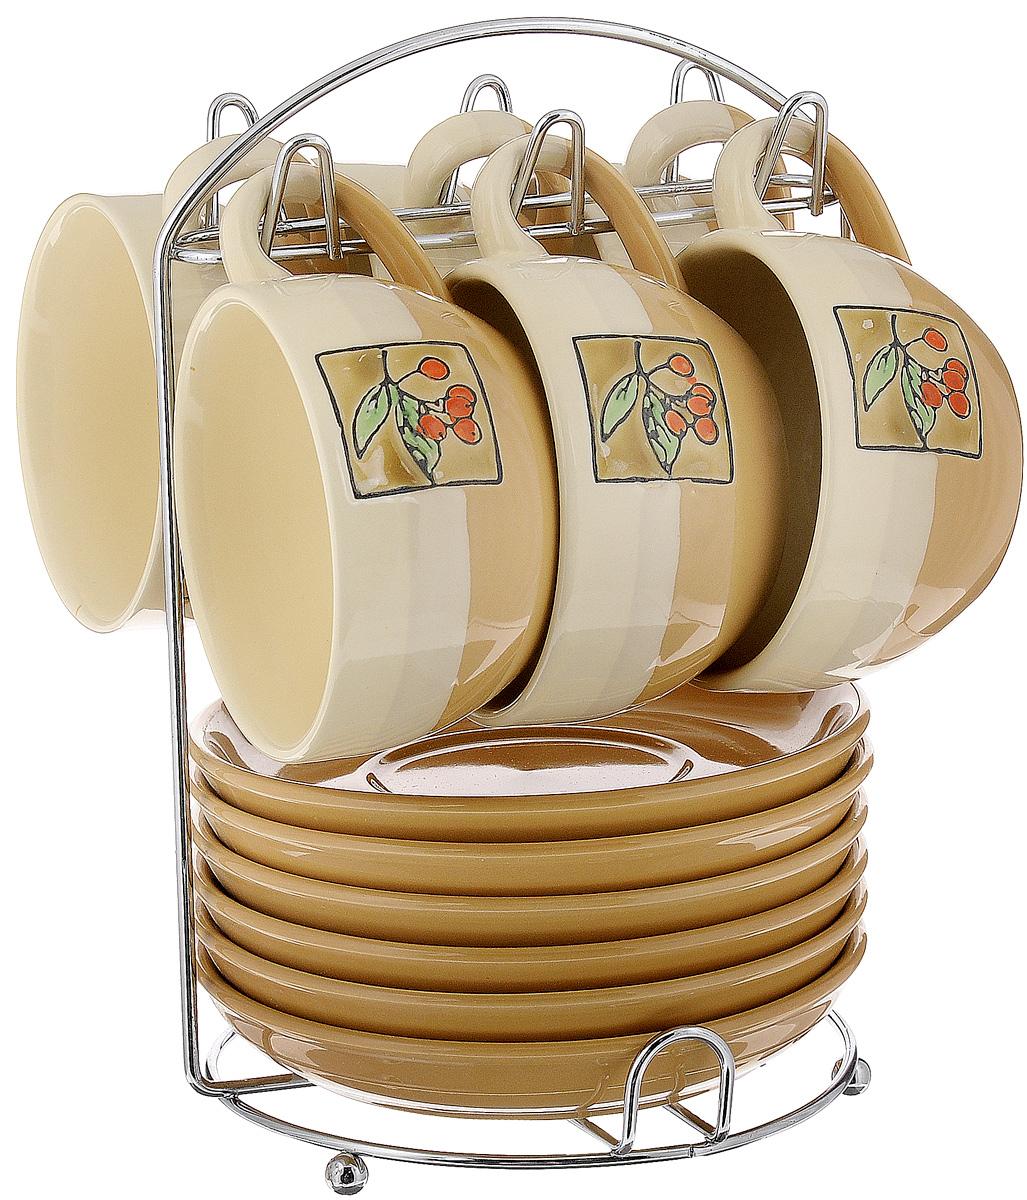 Набор чайный Calve. Ягоды, на подставке, 13 предметовCL-2022_бежевый, коричневый, оранжевыйНабор Calve. Ягоды состоит из шести чашек и шести блюдец, изготовленных из высококачественного фарфора. Чашки оформлены красочным рисунком. Изделия расположены на металлической подставке. Такой набор подходит для подачи чая или кофе.Изящный дизайн придется по вкусу и ценителям классики, и тем, кто предпочитает утонченность и изысканность. Он настроит на позитивный лад и подарит хорошее настроение с самого утра. Чайный набор Calve. Ягоды - идеальный и необходимый подарок для вашего дома и для ваших друзей в праздники.Можно мыть в посудомоечной машине. Объем чашки: 220 мл. Диаметр чашки (по верхнему краю): 9,5 см. Высота чашки: 6,3 см. Диаметр блюдца: 14,5 см. Высота блюдца: 2,3 см.Размер подставки: 16,5 х 16 х 22,5 см.